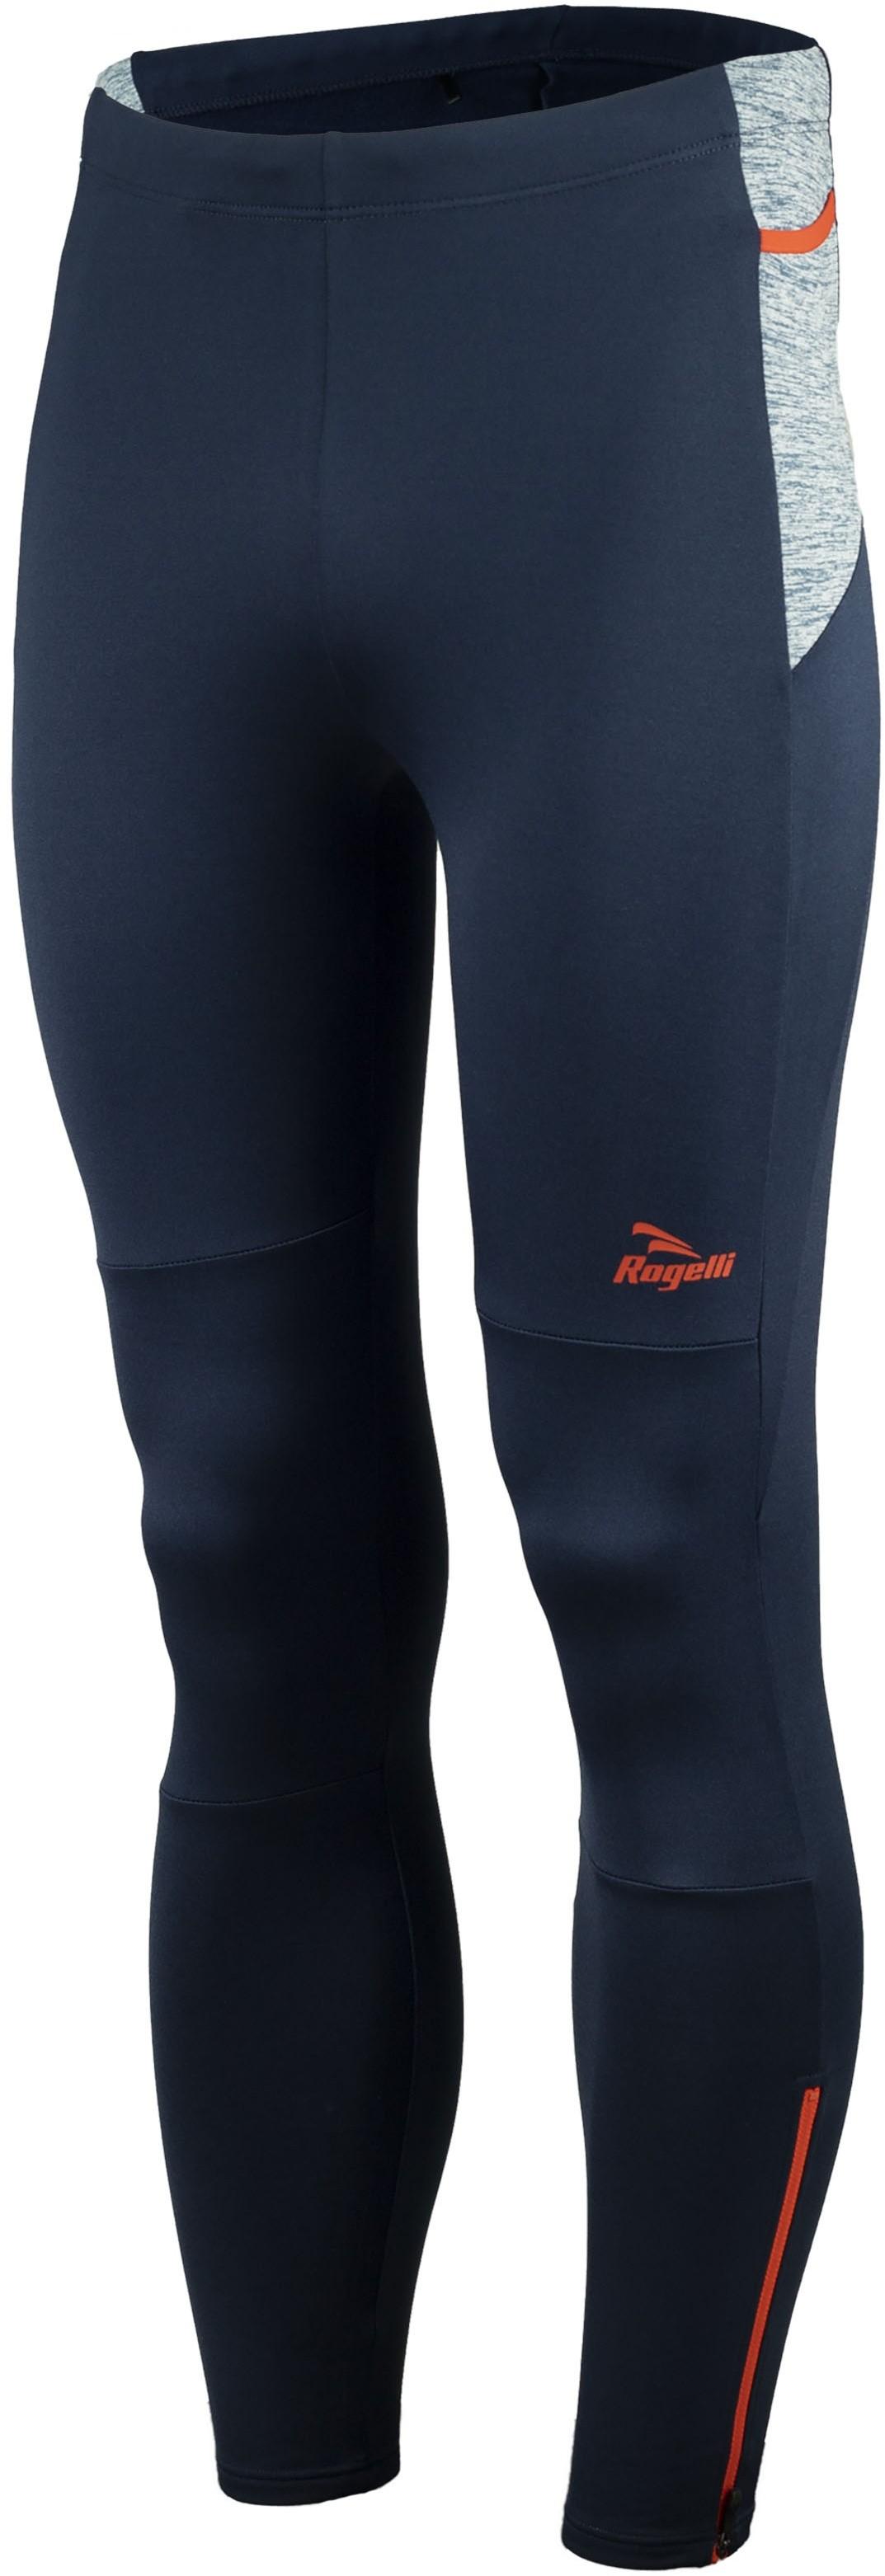 Rogelli BROADWAY 830.741 męskie ocieplane spodnie biegowe niebiesko-czerwone